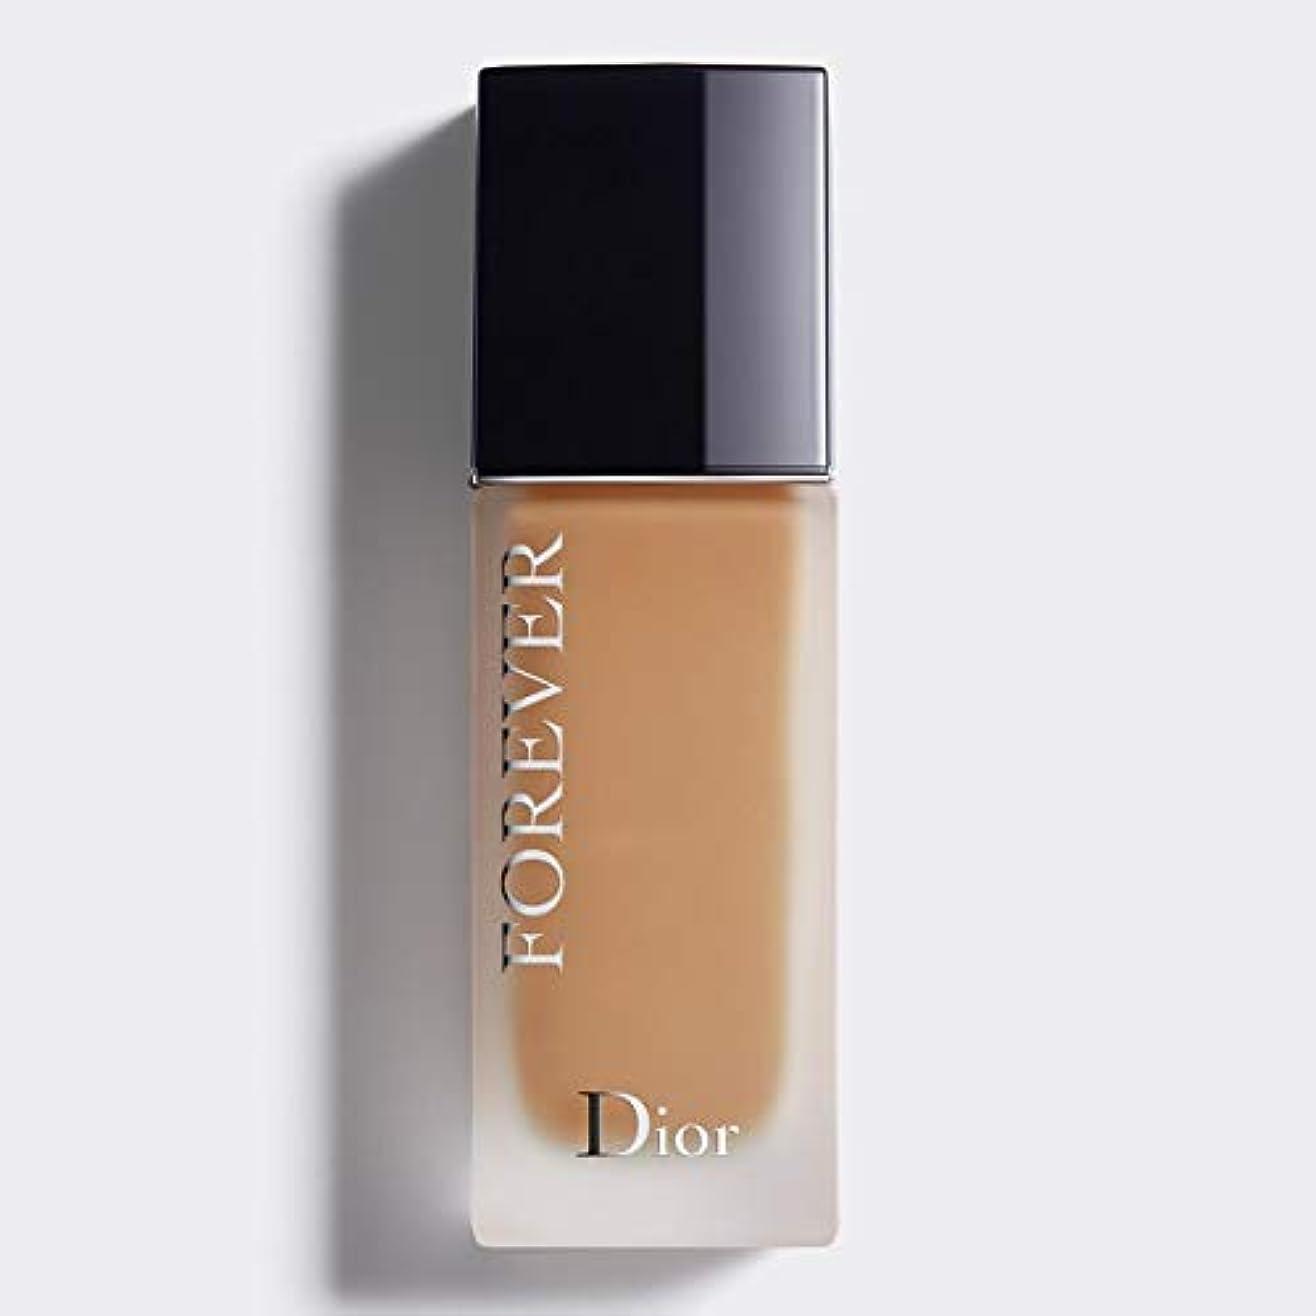 スープ散髪ファントムクリスチャンディオール Dior Forever 24H Wear High Perfection Foundation SPF 35 - # 4W (Warm) 30ml/1oz並行輸入品